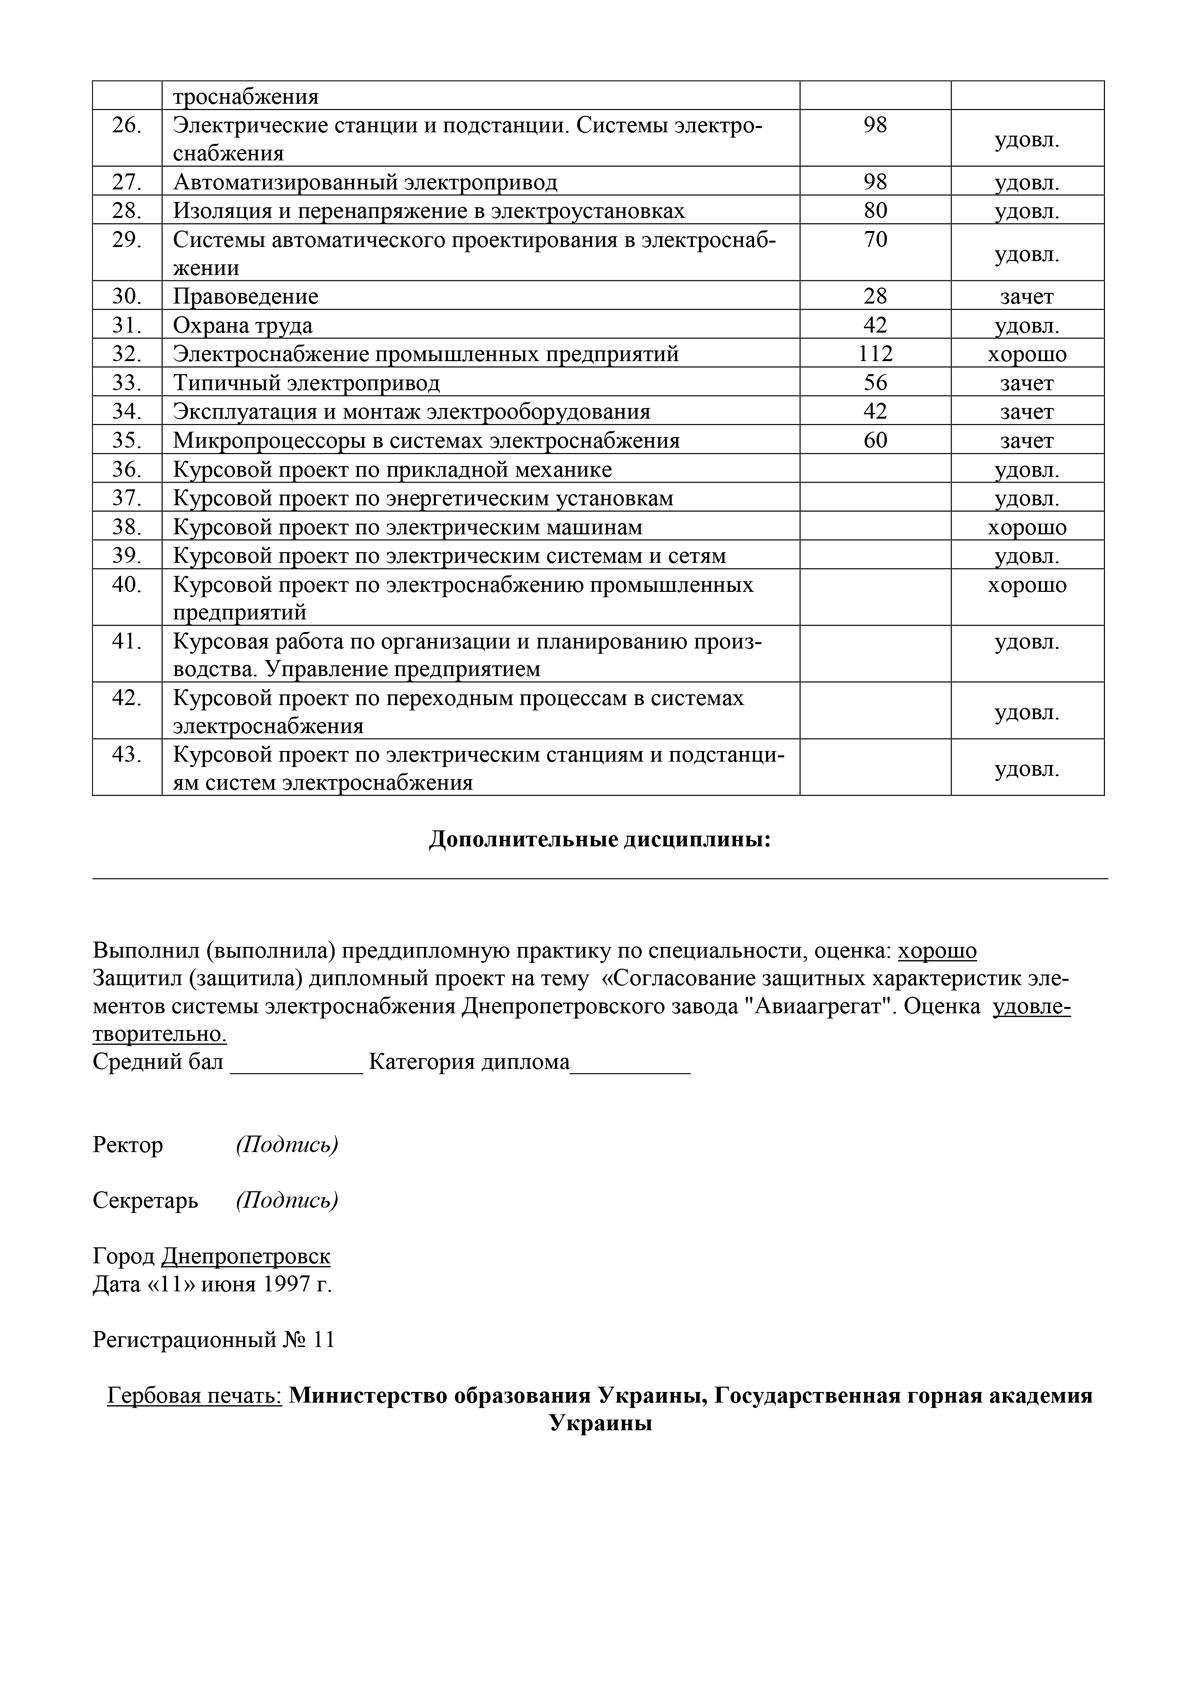 Перевод диплома с украинского